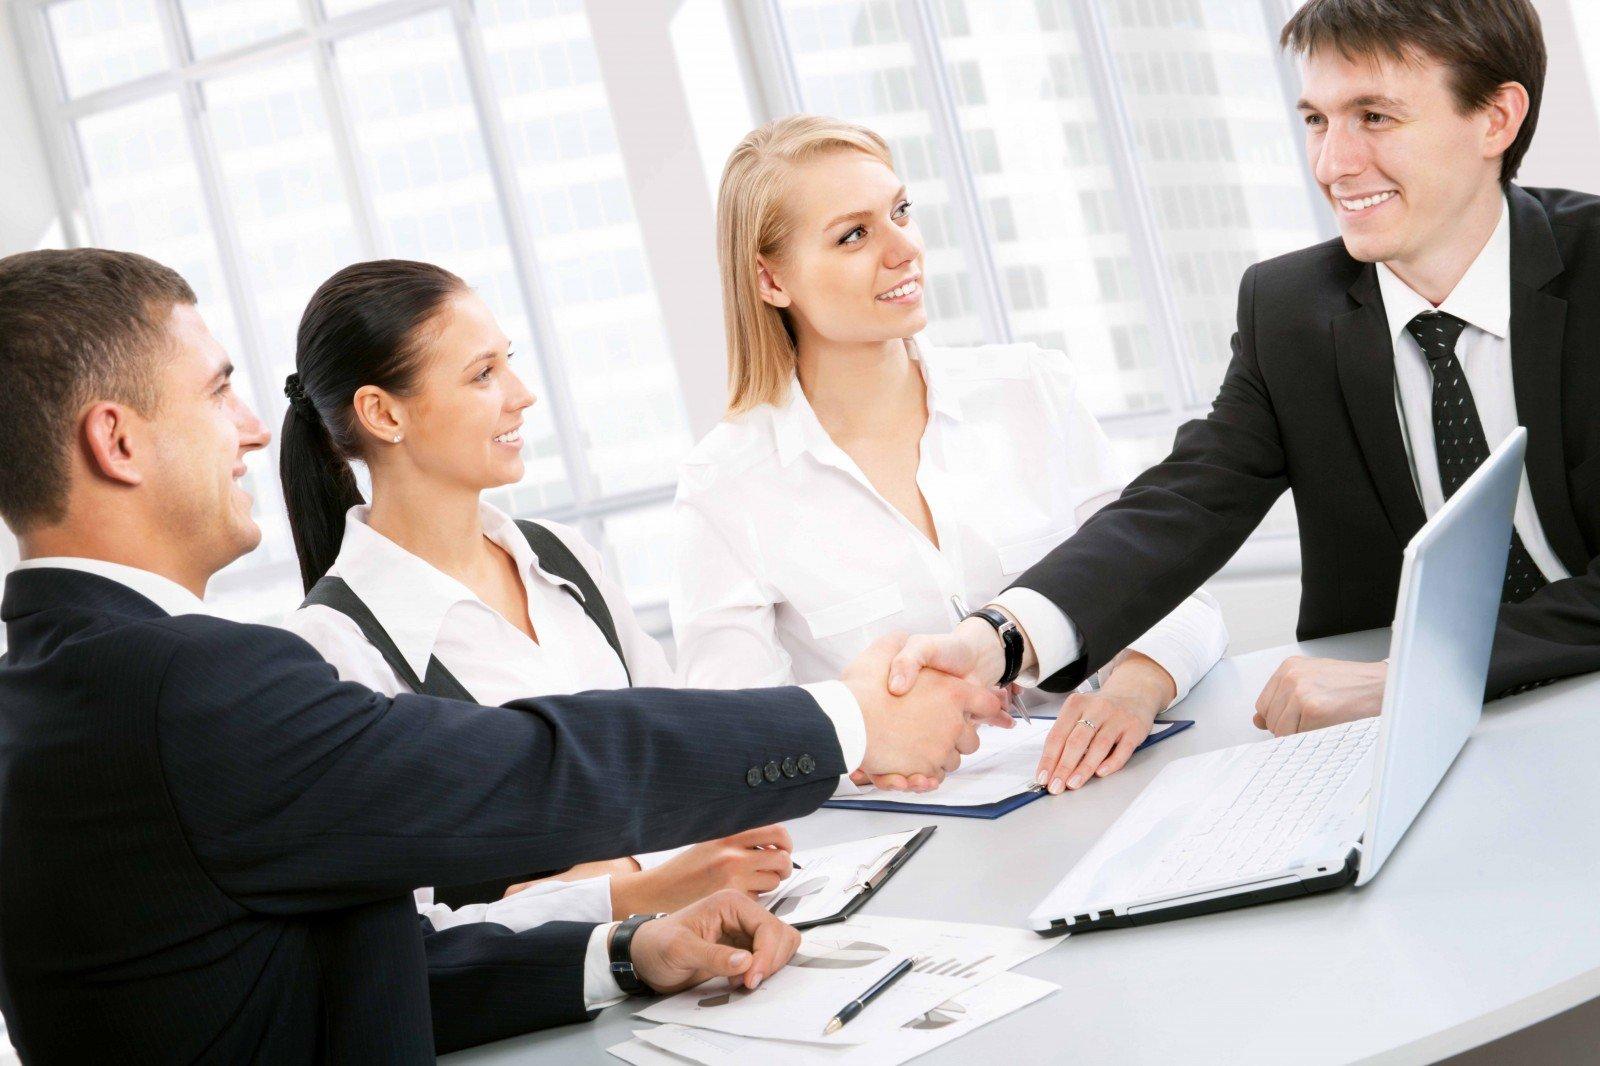 Квалифицированные бухгалтерские и юридические услуги вакансия бухгалтер краснодар на дому